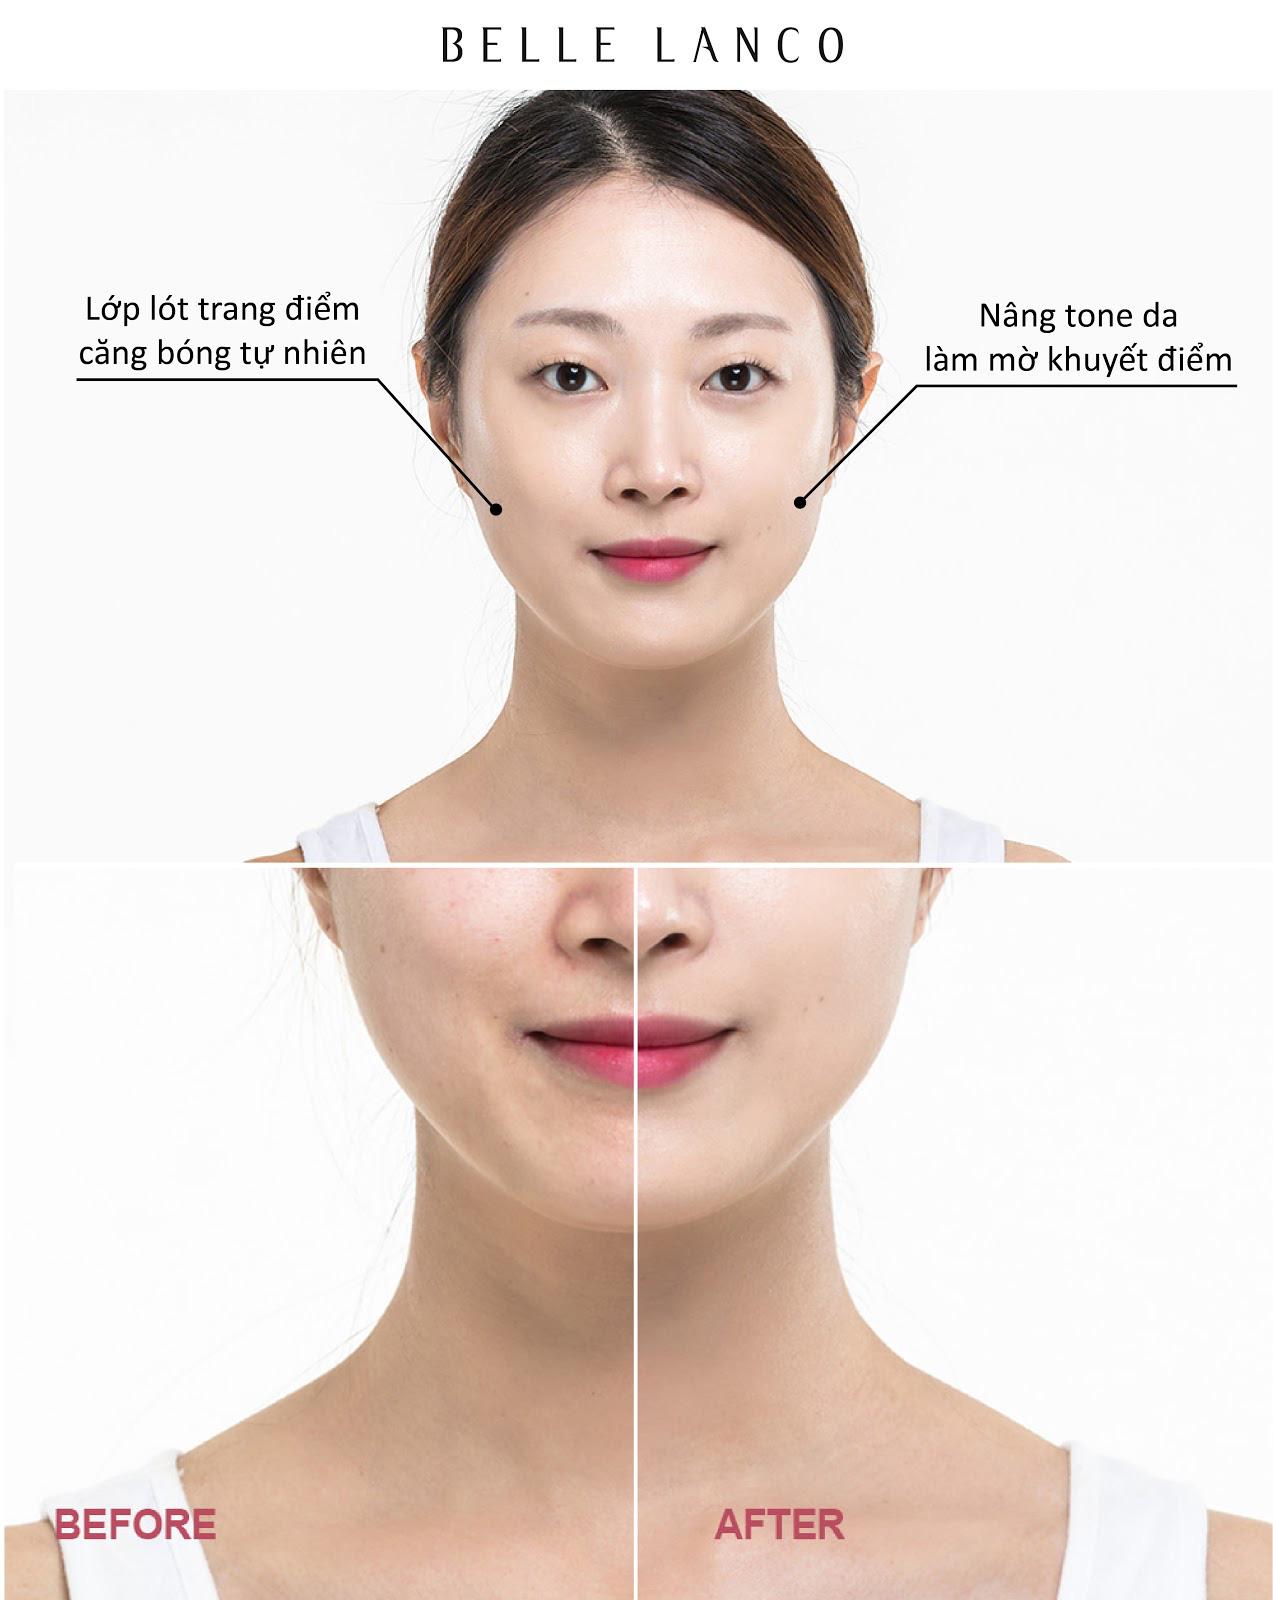 Học cách chăm da tối giản của Nam Thương: Chống nắng và dưỡng da 2in1 đem lại hiệu quả không ngờ - Ảnh 4.